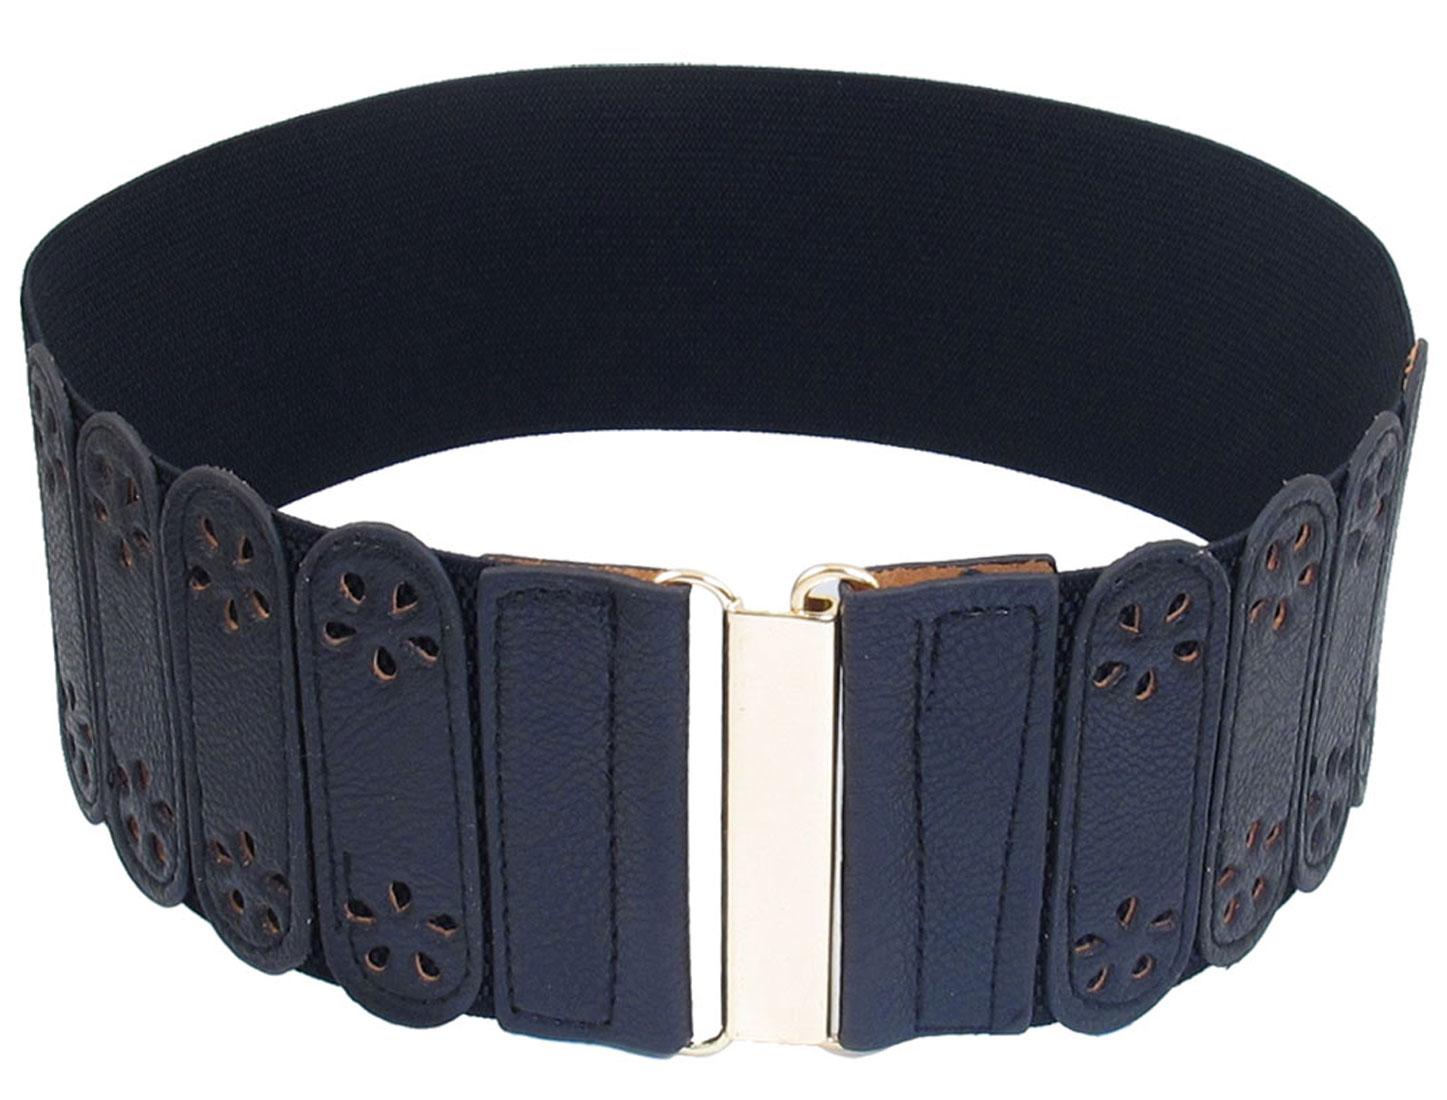 Ladies Hollow Flower Decor Interlocking Closure Stretchy Band Waist Belt Dark Blue